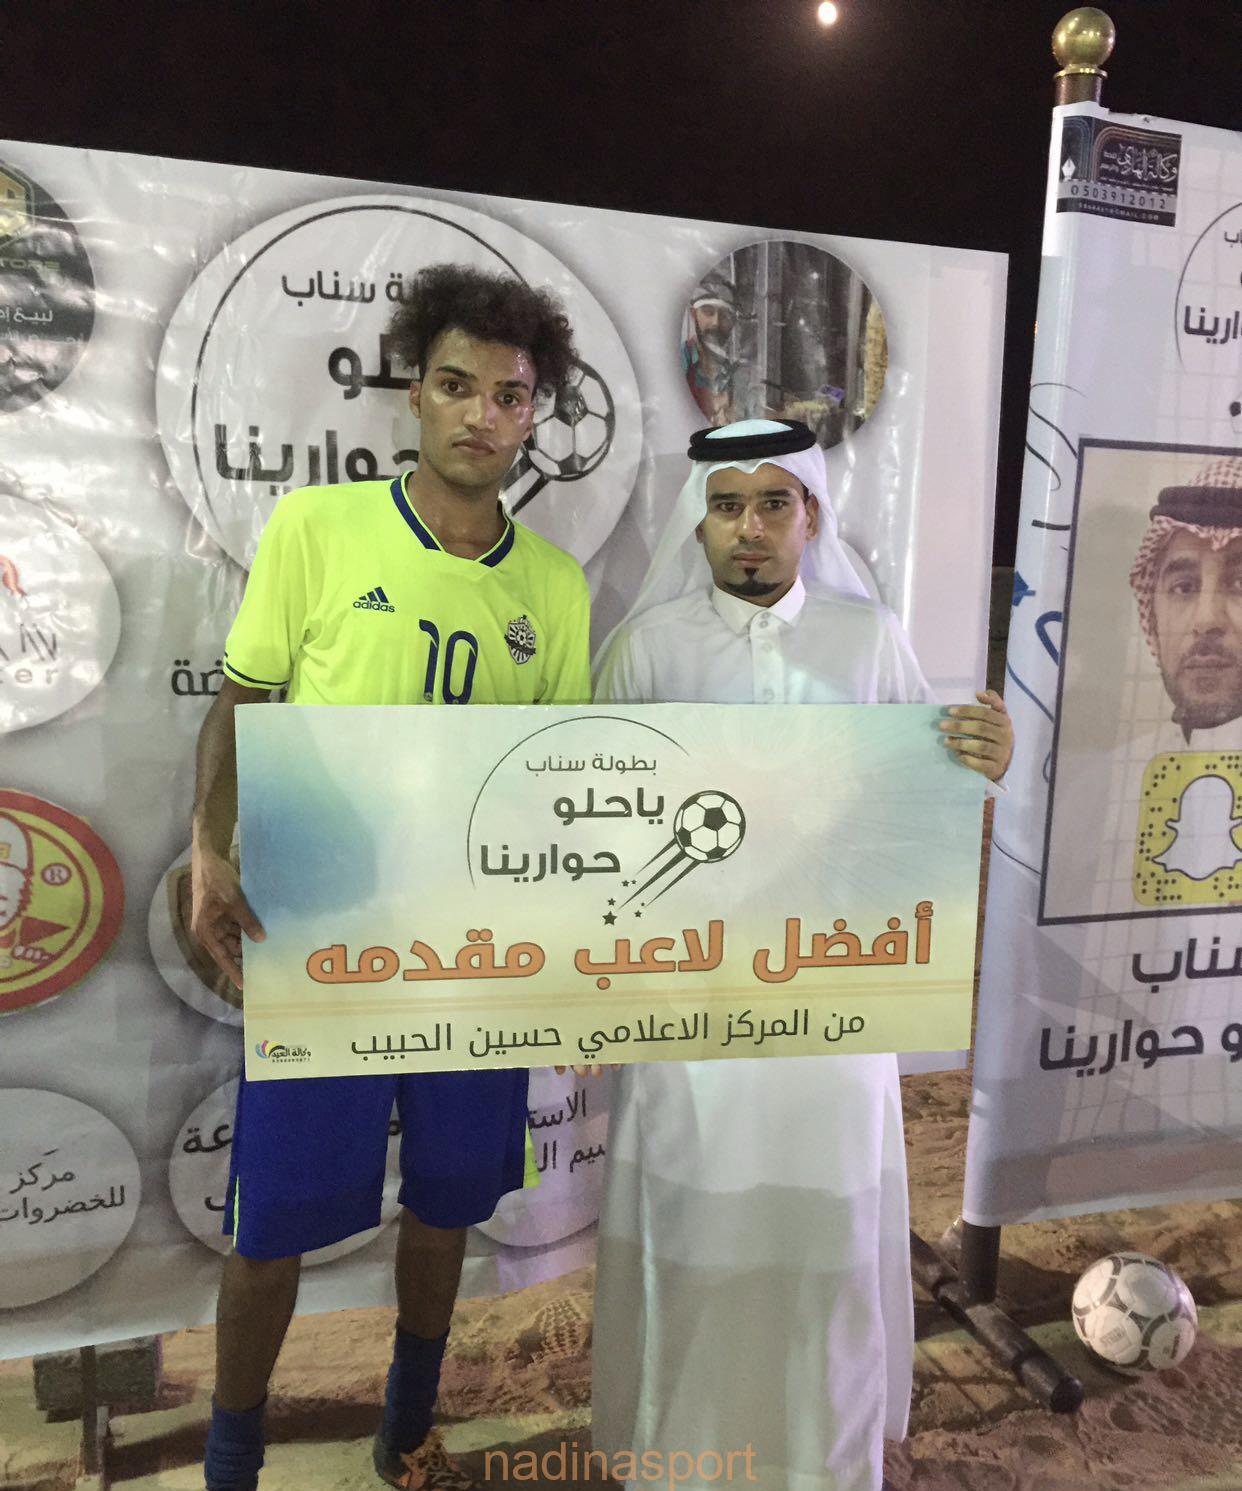 الليث والاتي في نهائي بطولة سناب ياحلو حوارينا على كاس مؤسسة سوق الرياضة بالطرف